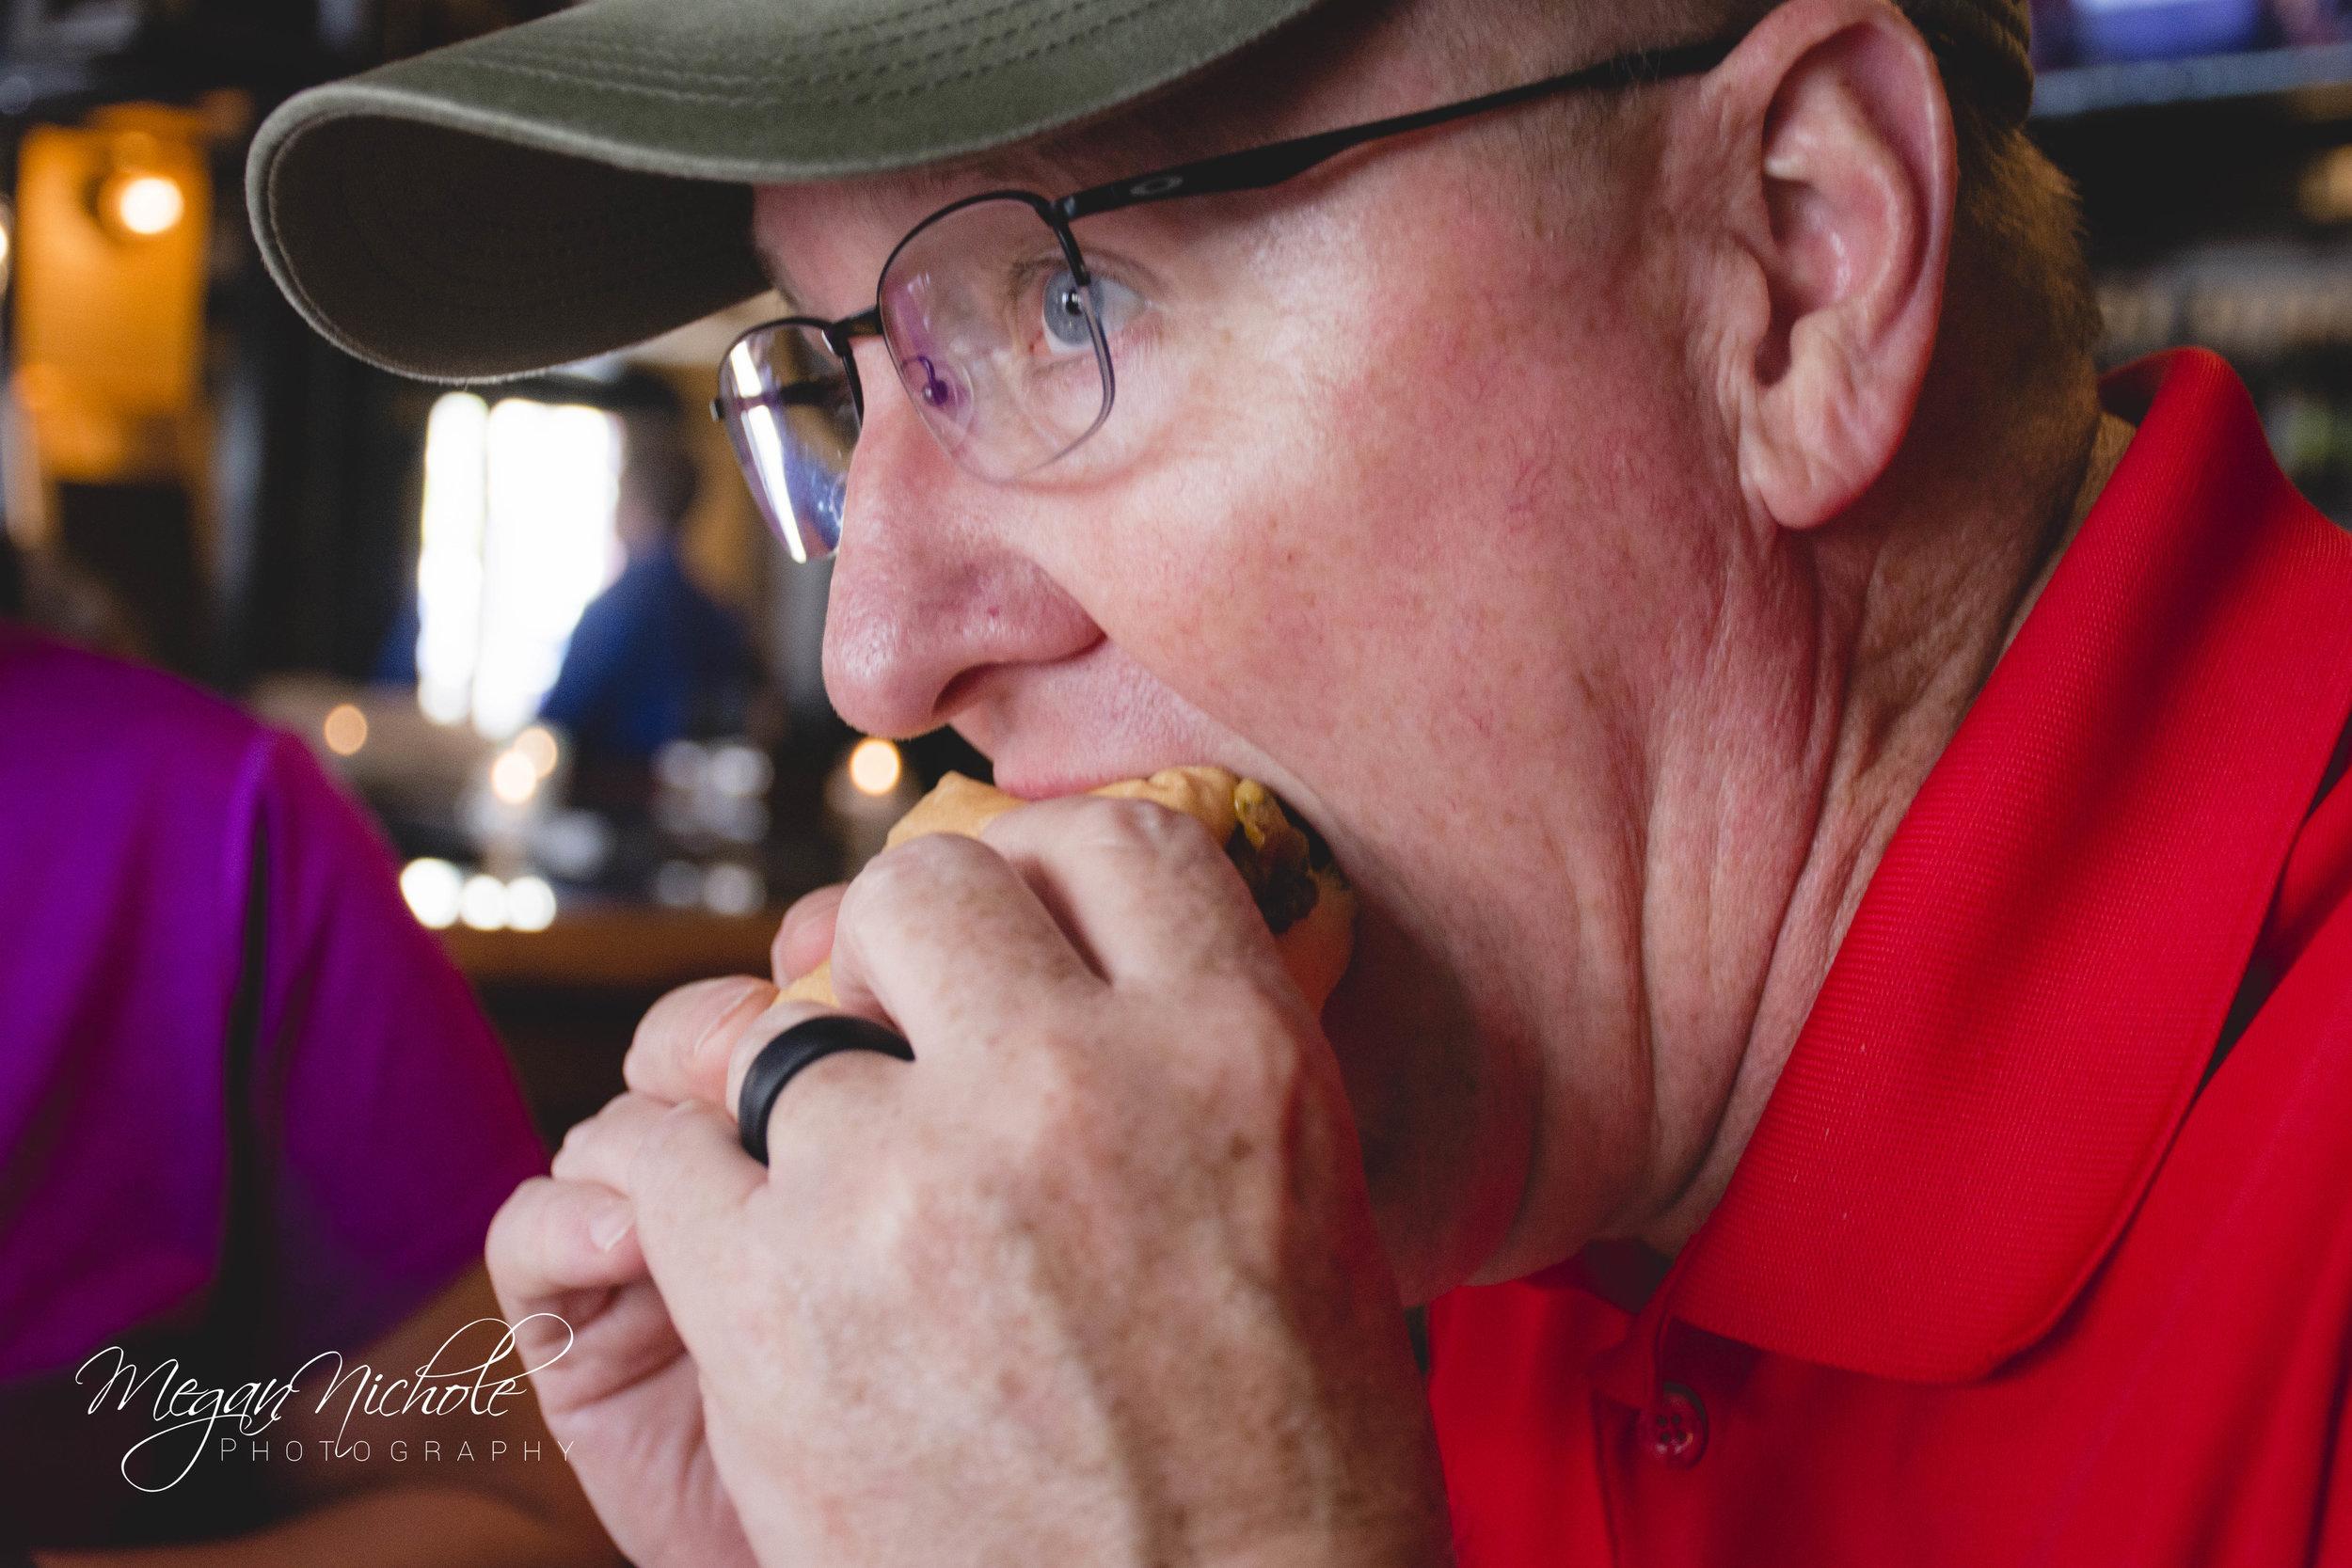 Henry's Charleston cheeseburger